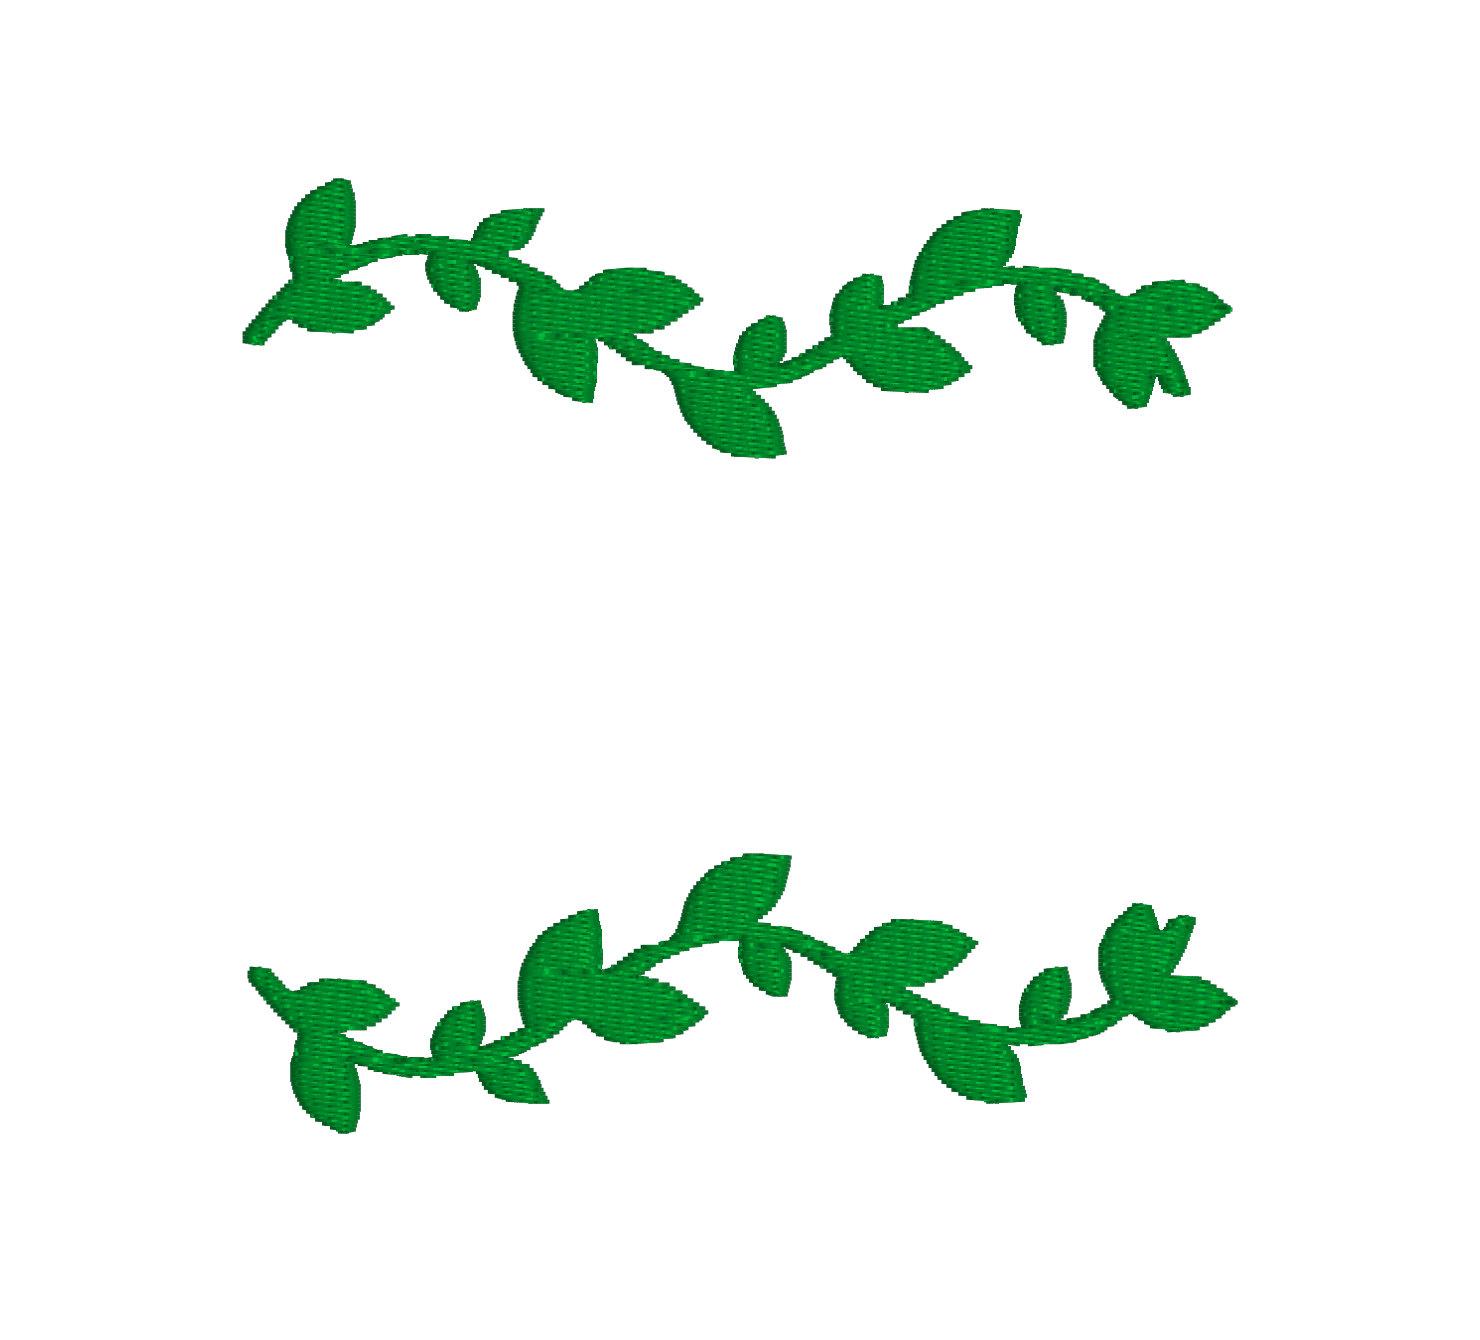 Leaf vine clipart vector transparent Leaf Vine | Free download best Leaf Vine on ClipArtMag.com vector transparent